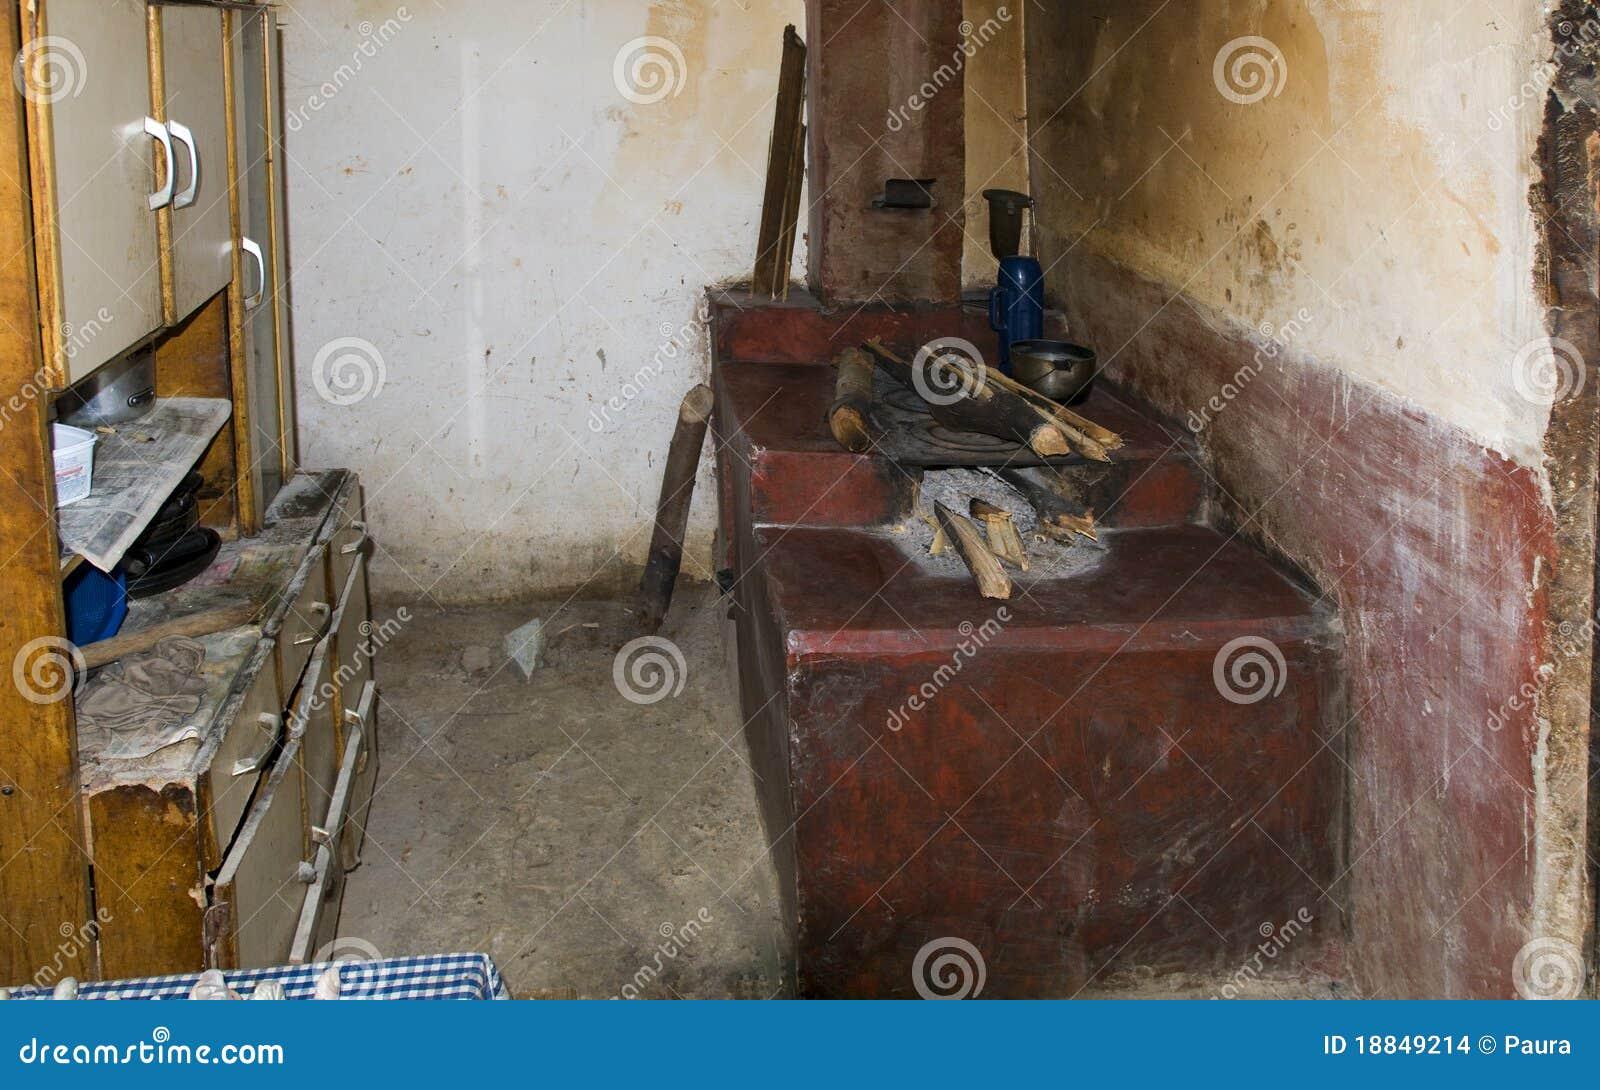 Una scena tipica di una casa molto difficile all'interno del brasile